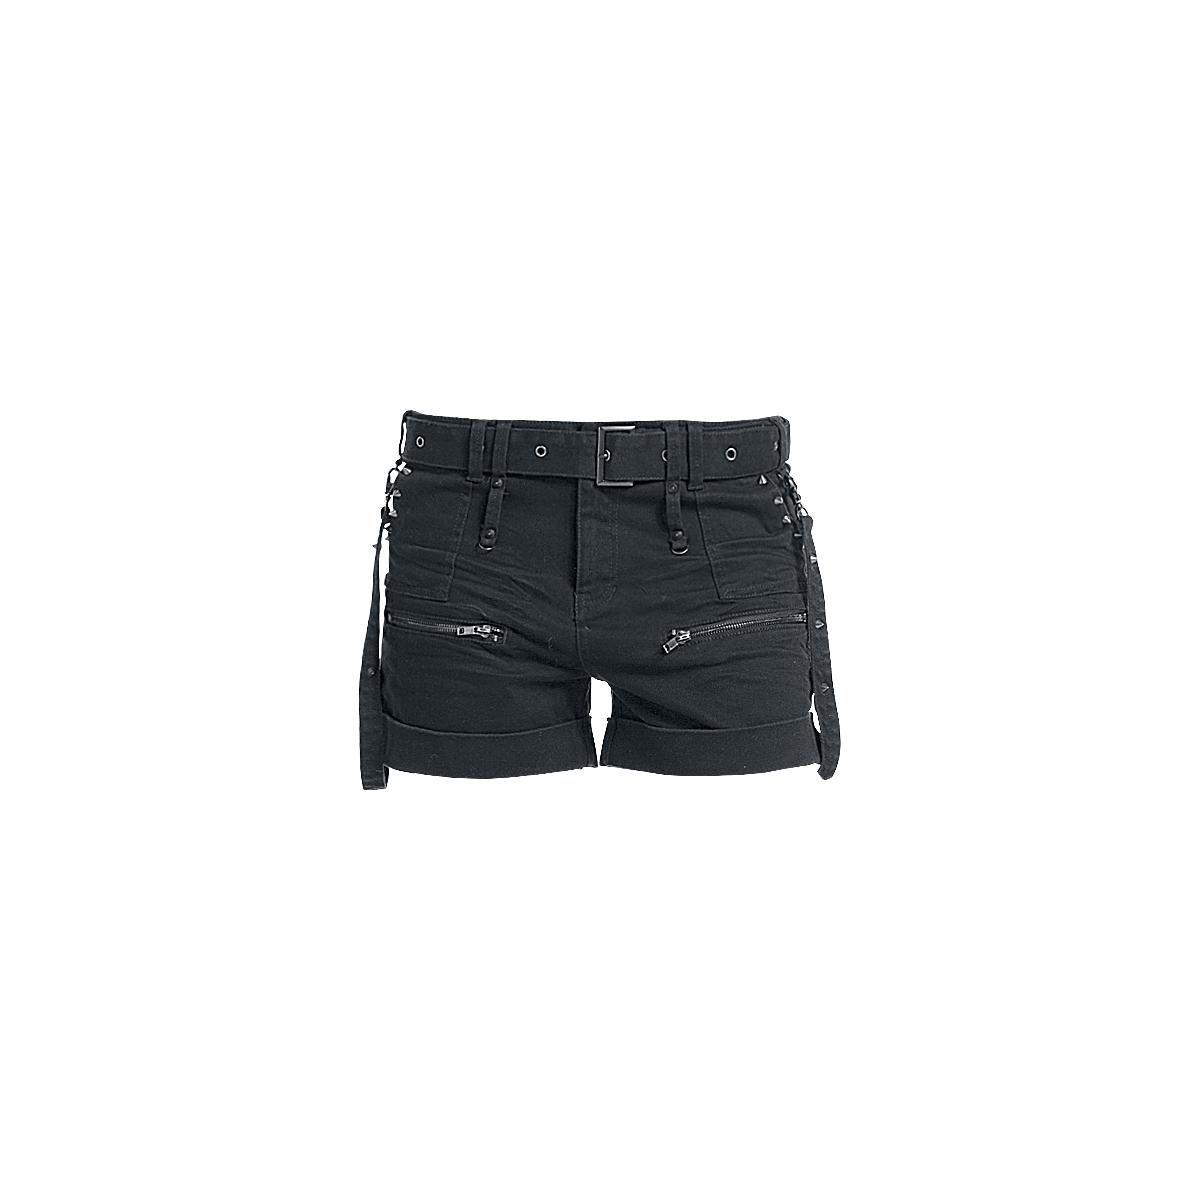 Black Premium by EMP Hotpants -Studded Hotpants- -- Kjøp nå hos EMP -- Mer Rock wear Hotpants tilgjengelig online - Uslagbare priser!